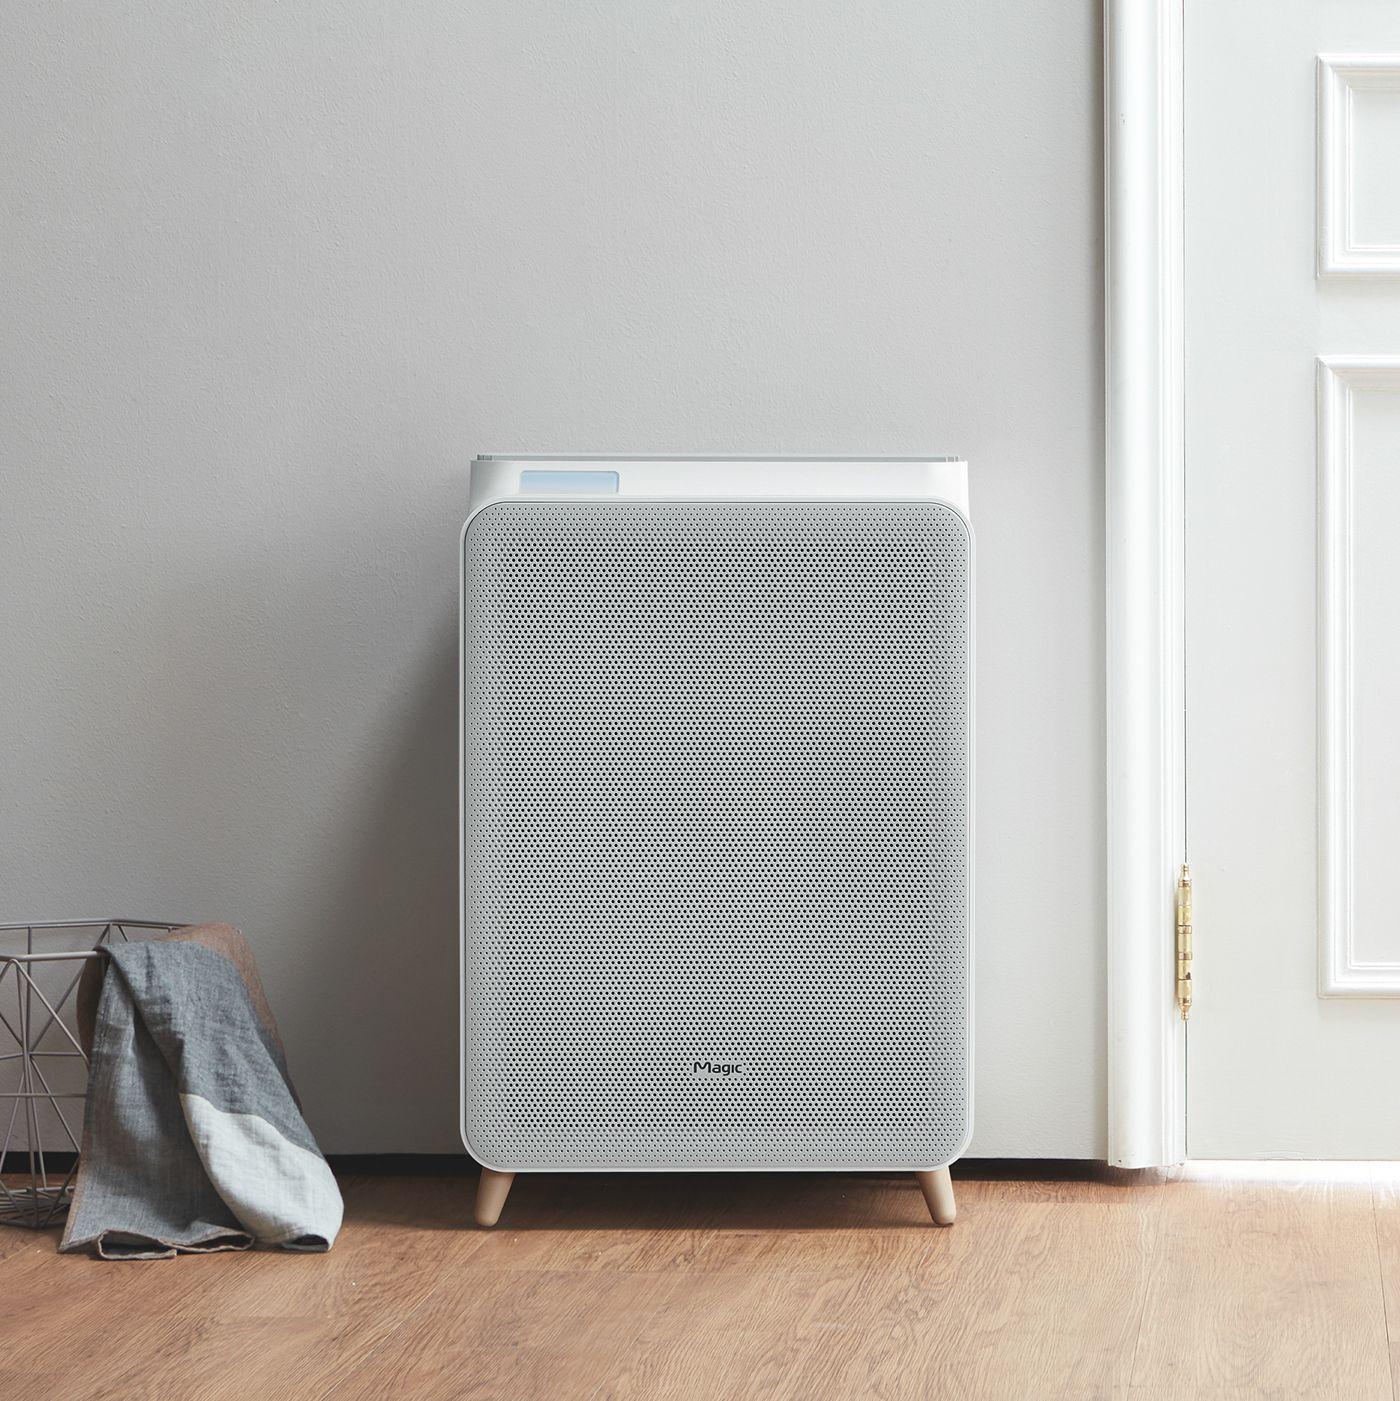 查看此 Behance 项目 \u201cSuper L air cleaner\u201d https